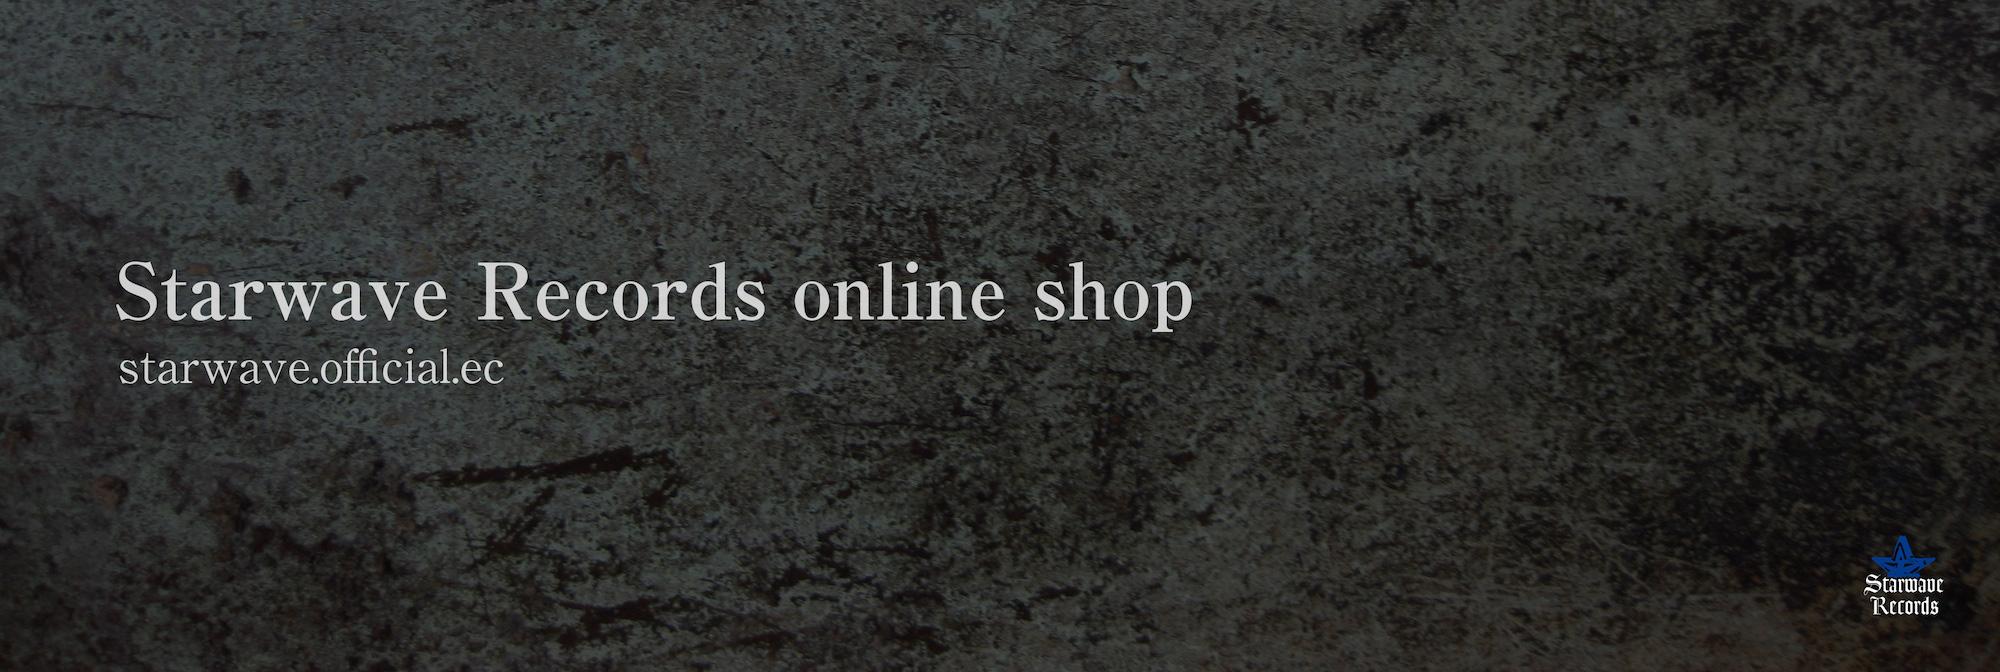 Starwave Records online shop